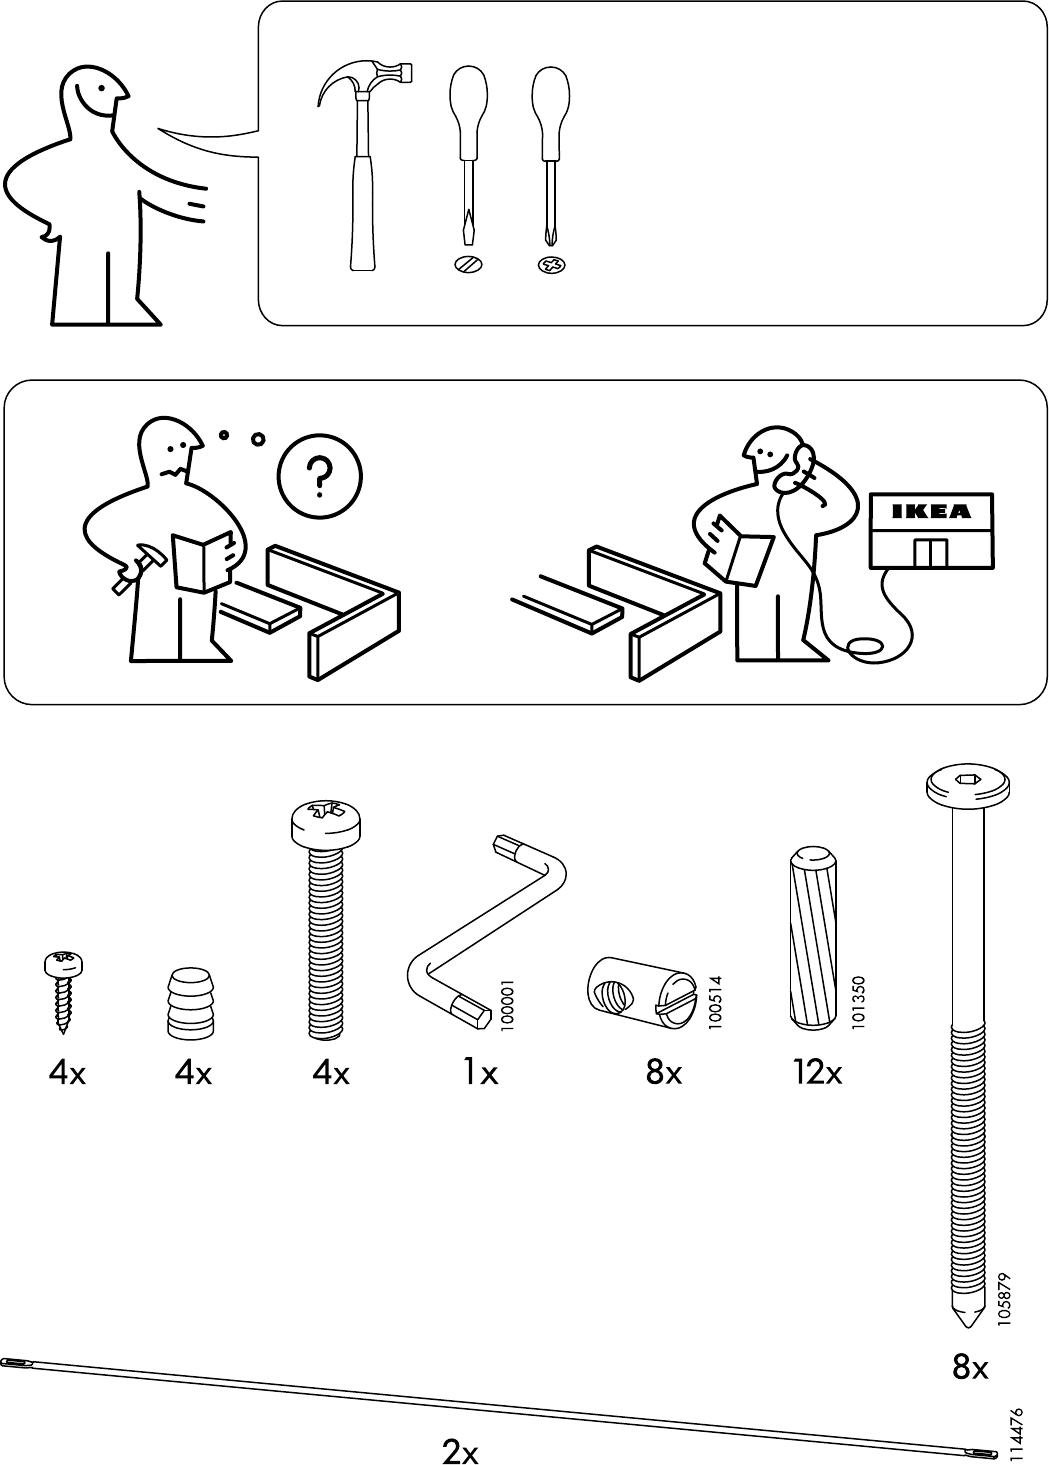 Bedienungsanleitung Ikea Sundvik Kinderbed Seite 1 Von 8 Danisch Deutsch Englisch Spanisch Franzosisch Italienisch Hollandisch Norwegisch Polnisch Portugiesisch Finnisch Schwedisch Turkisch